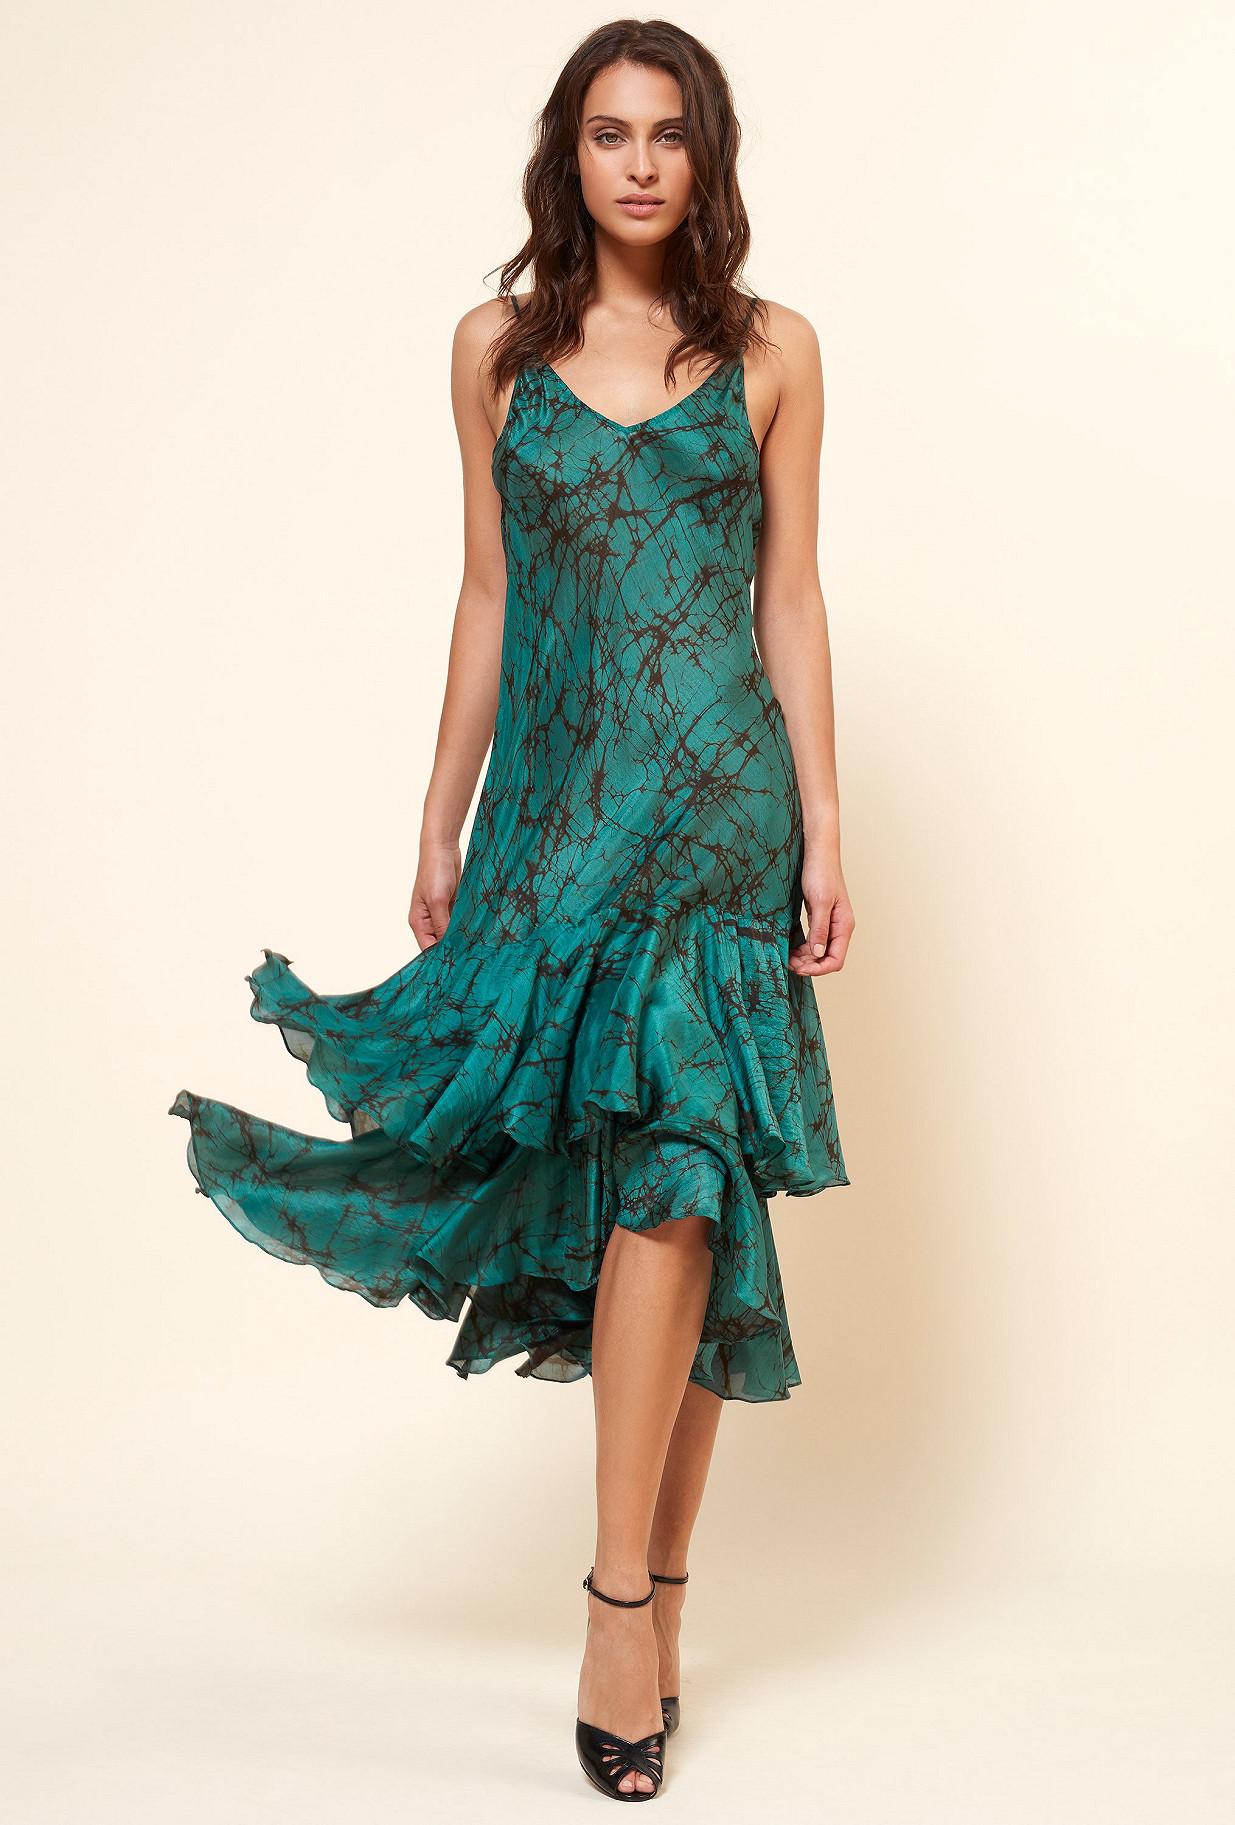 Paris boutique de mode vêtement Robe créateur bohème  Mirabella